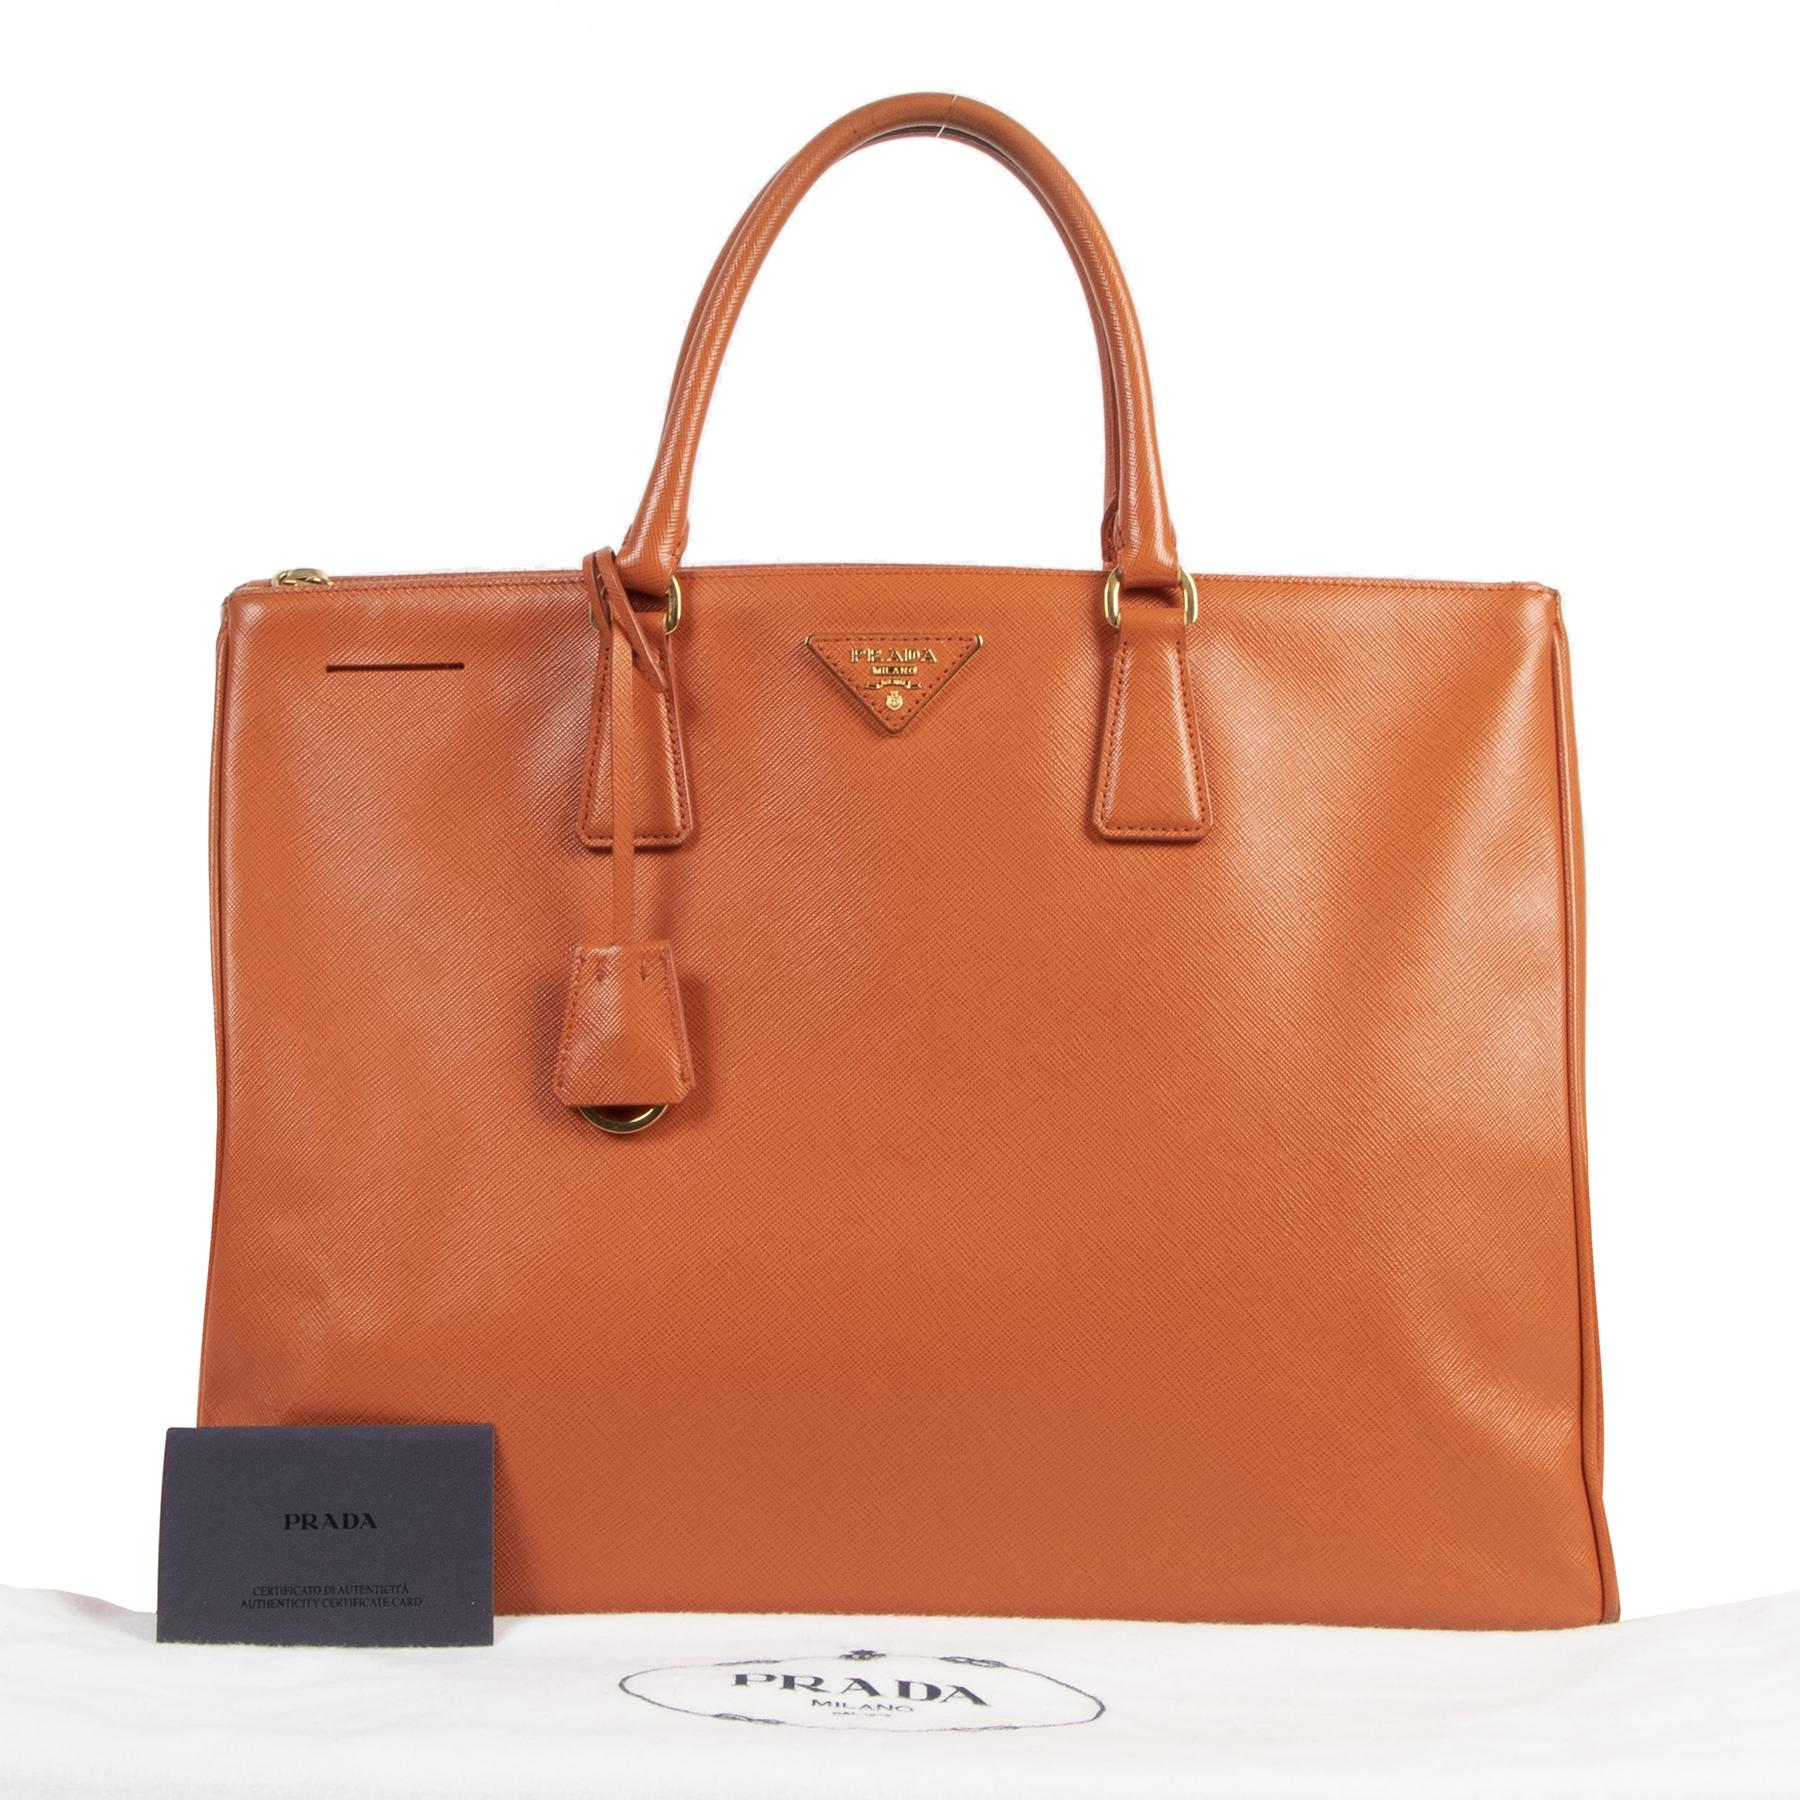 Authentic second-hand vintage Prada Orange Saffiano Tote Bag buy online webshop LabelLOV